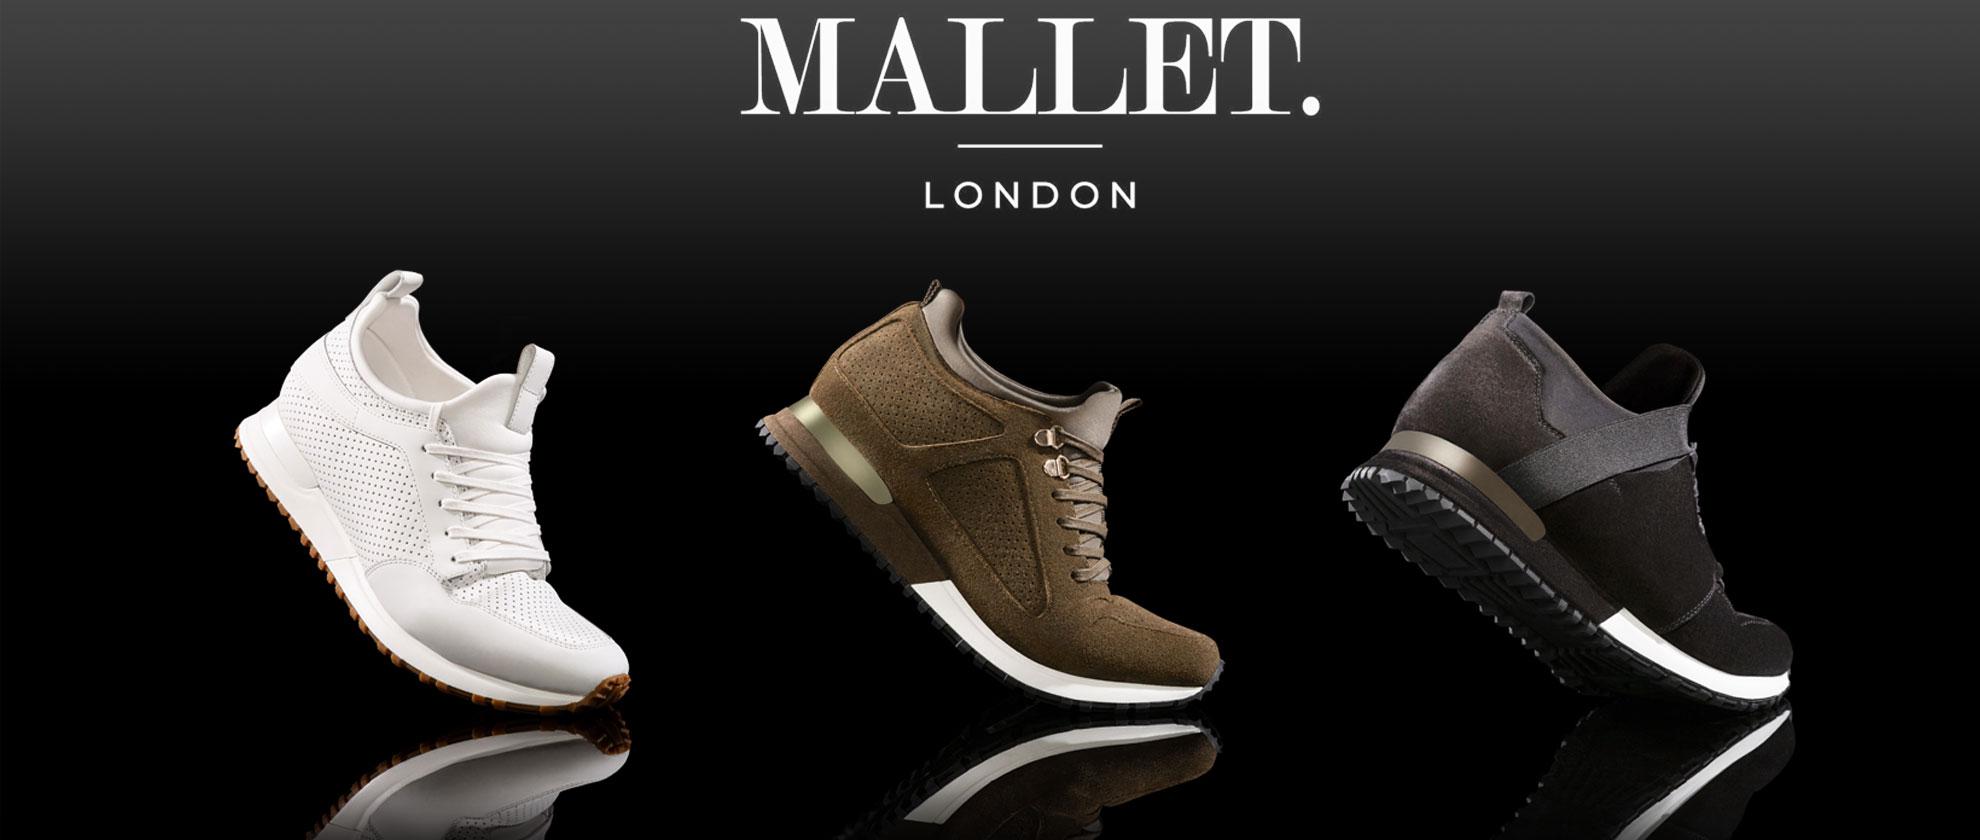 Brand Spotlight: Mallet Footwear